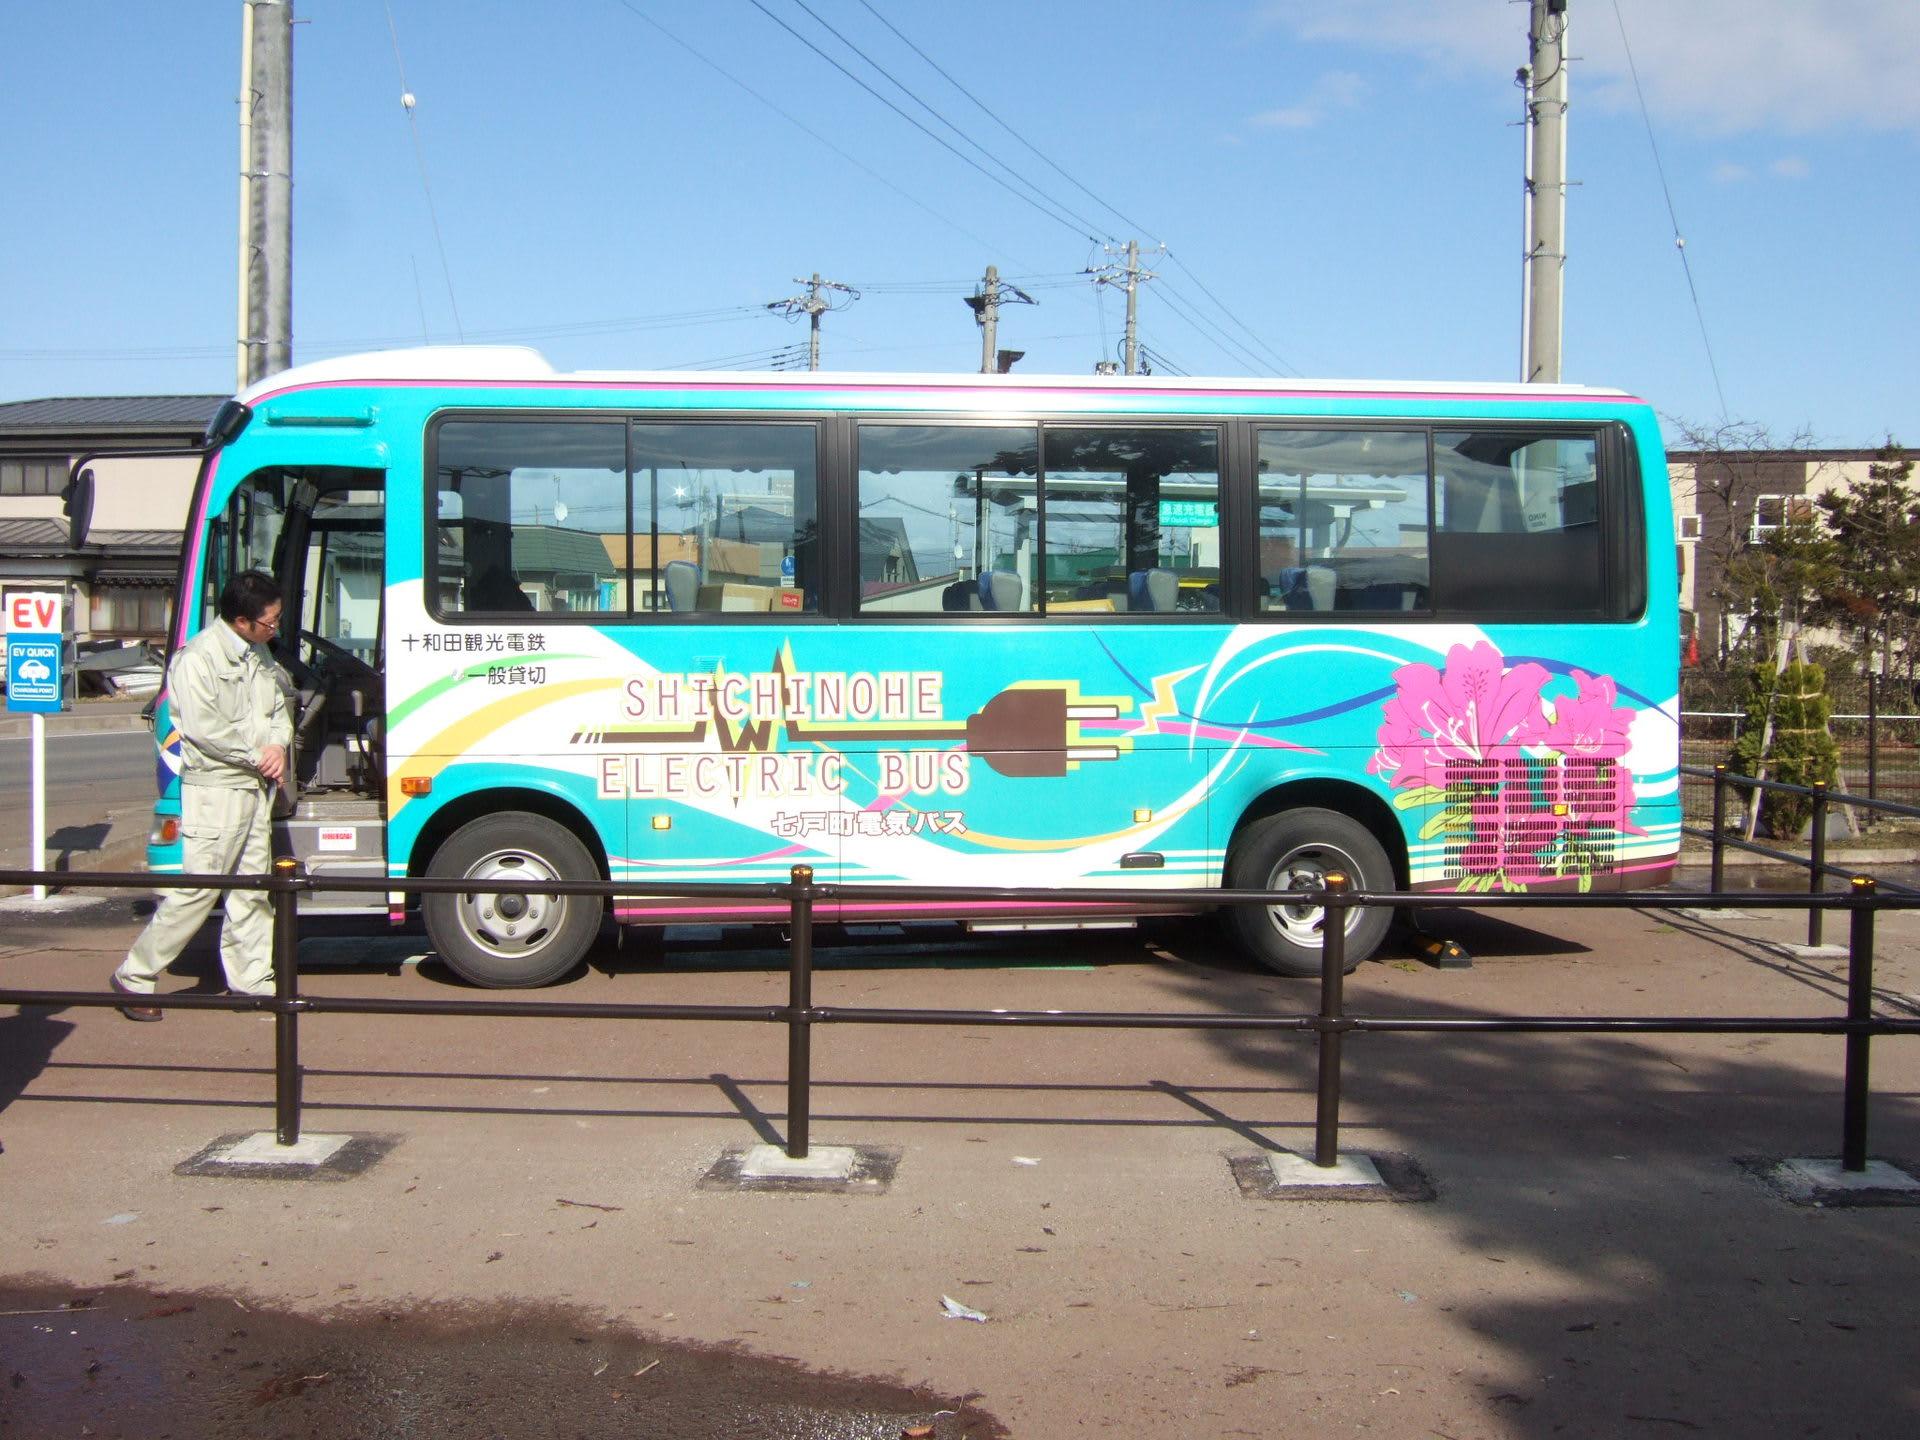 七戸町の電気バスが来ました - むつ来さまい館 gooブログ